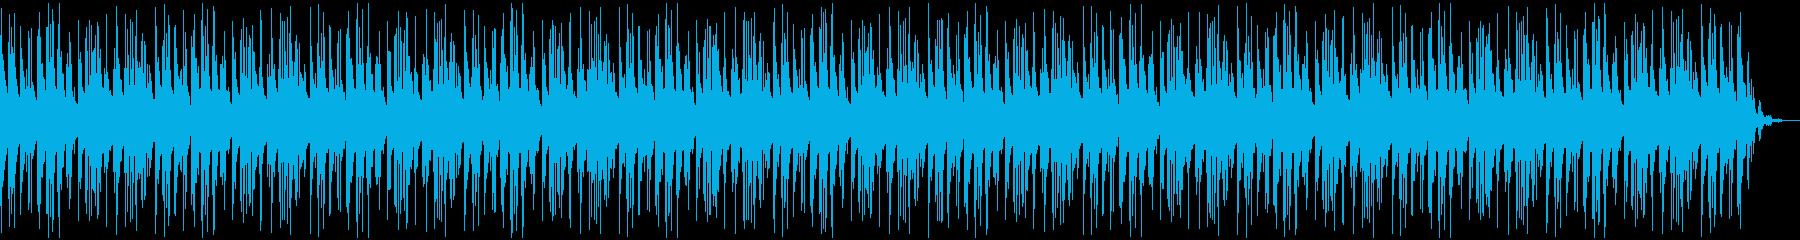 切ない気持ちになる綺麗なピアノのBGMの再生済みの波形